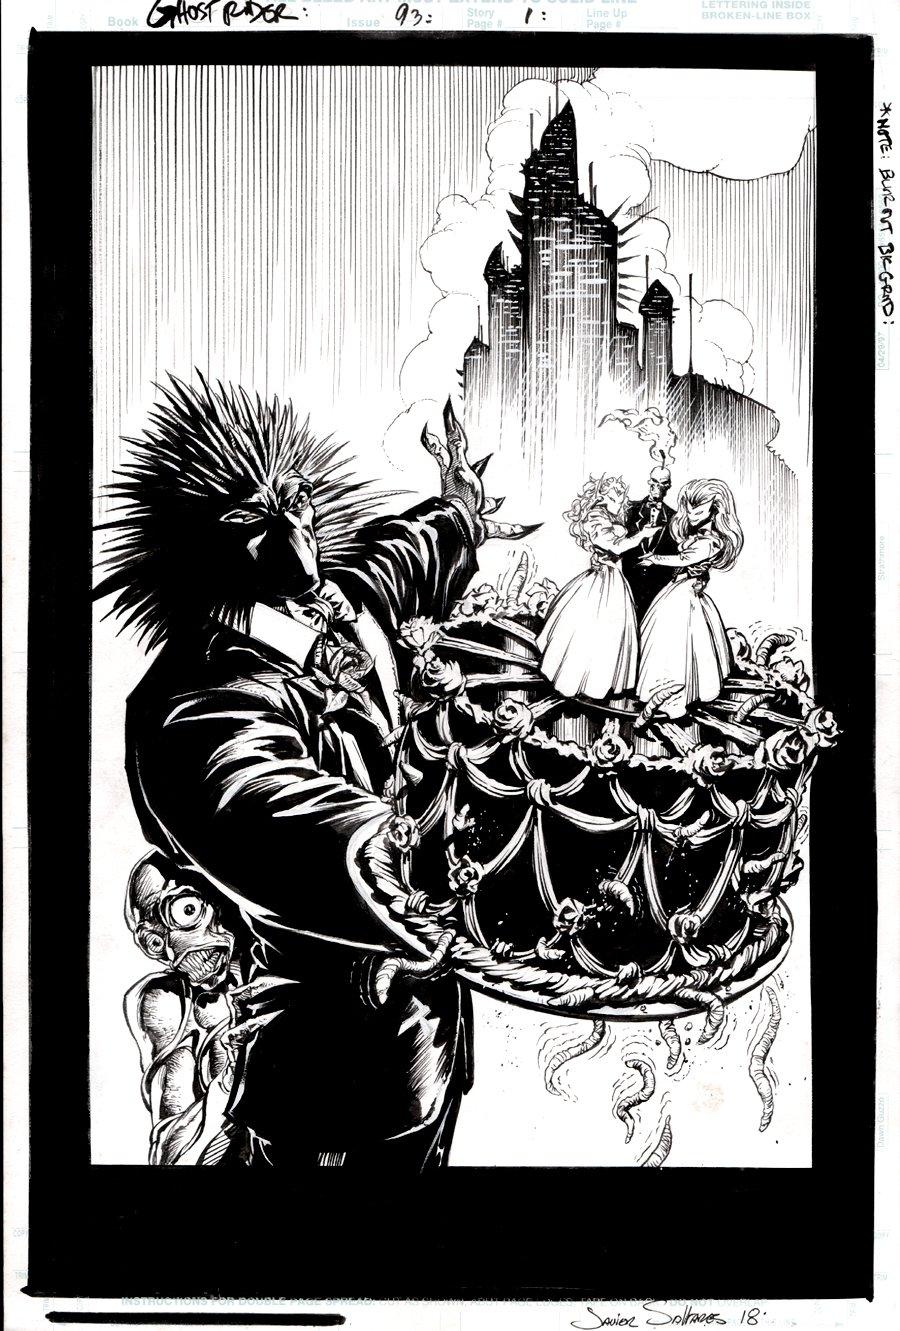 Ghost Rider #93 p 1 SPLASH (1997)